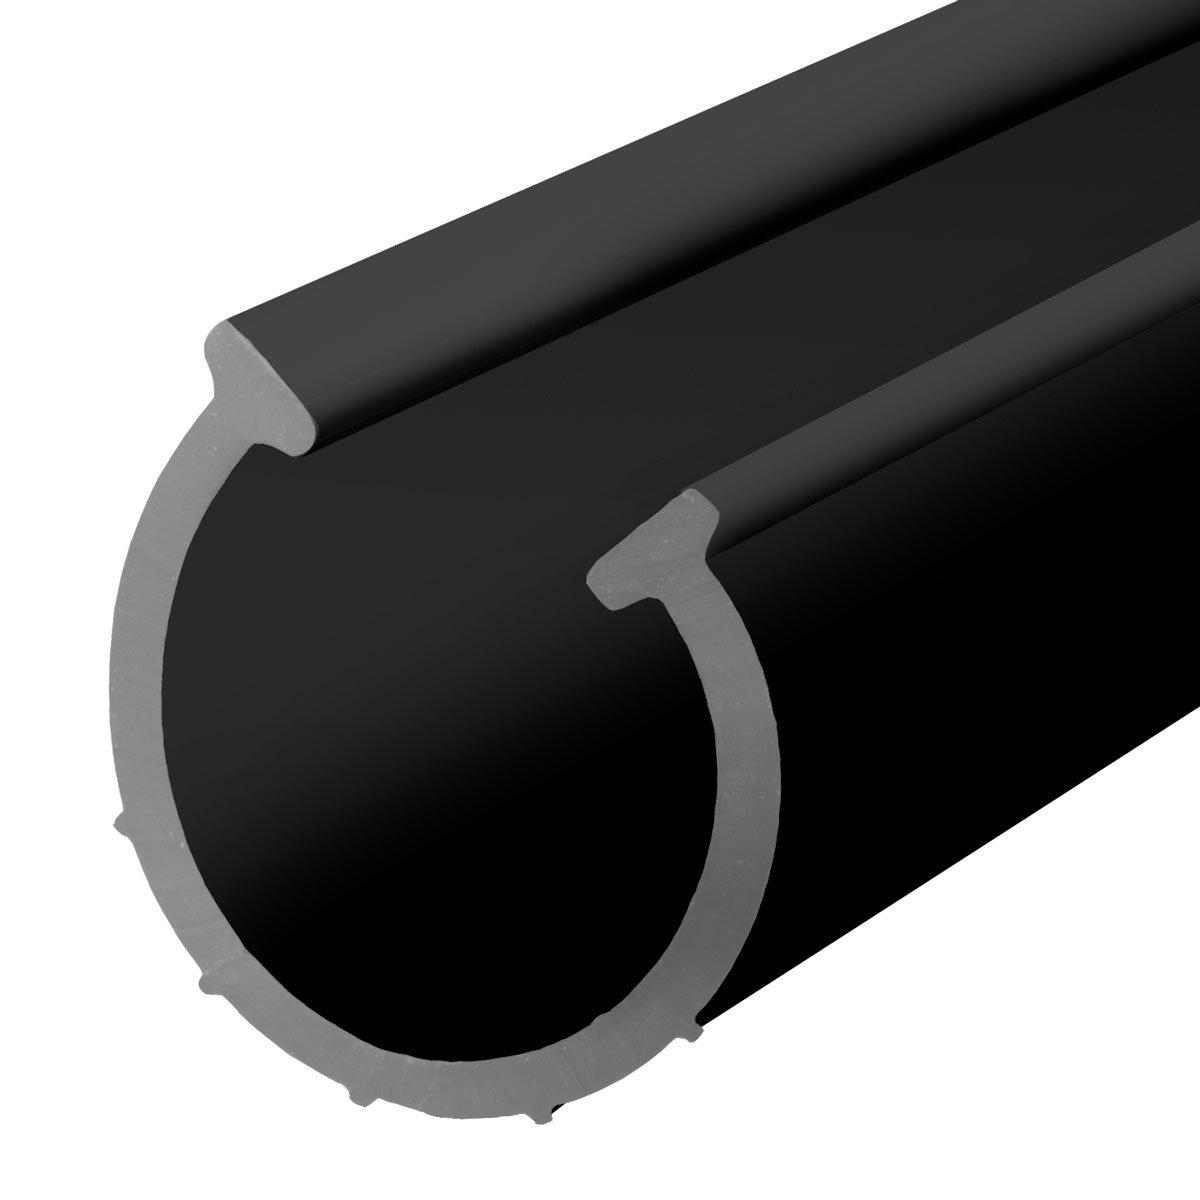 STEIGNER Junta de Garaje Umbral de Garaje de EPDM 4,5 m 14 mm x 78 mm SGD01